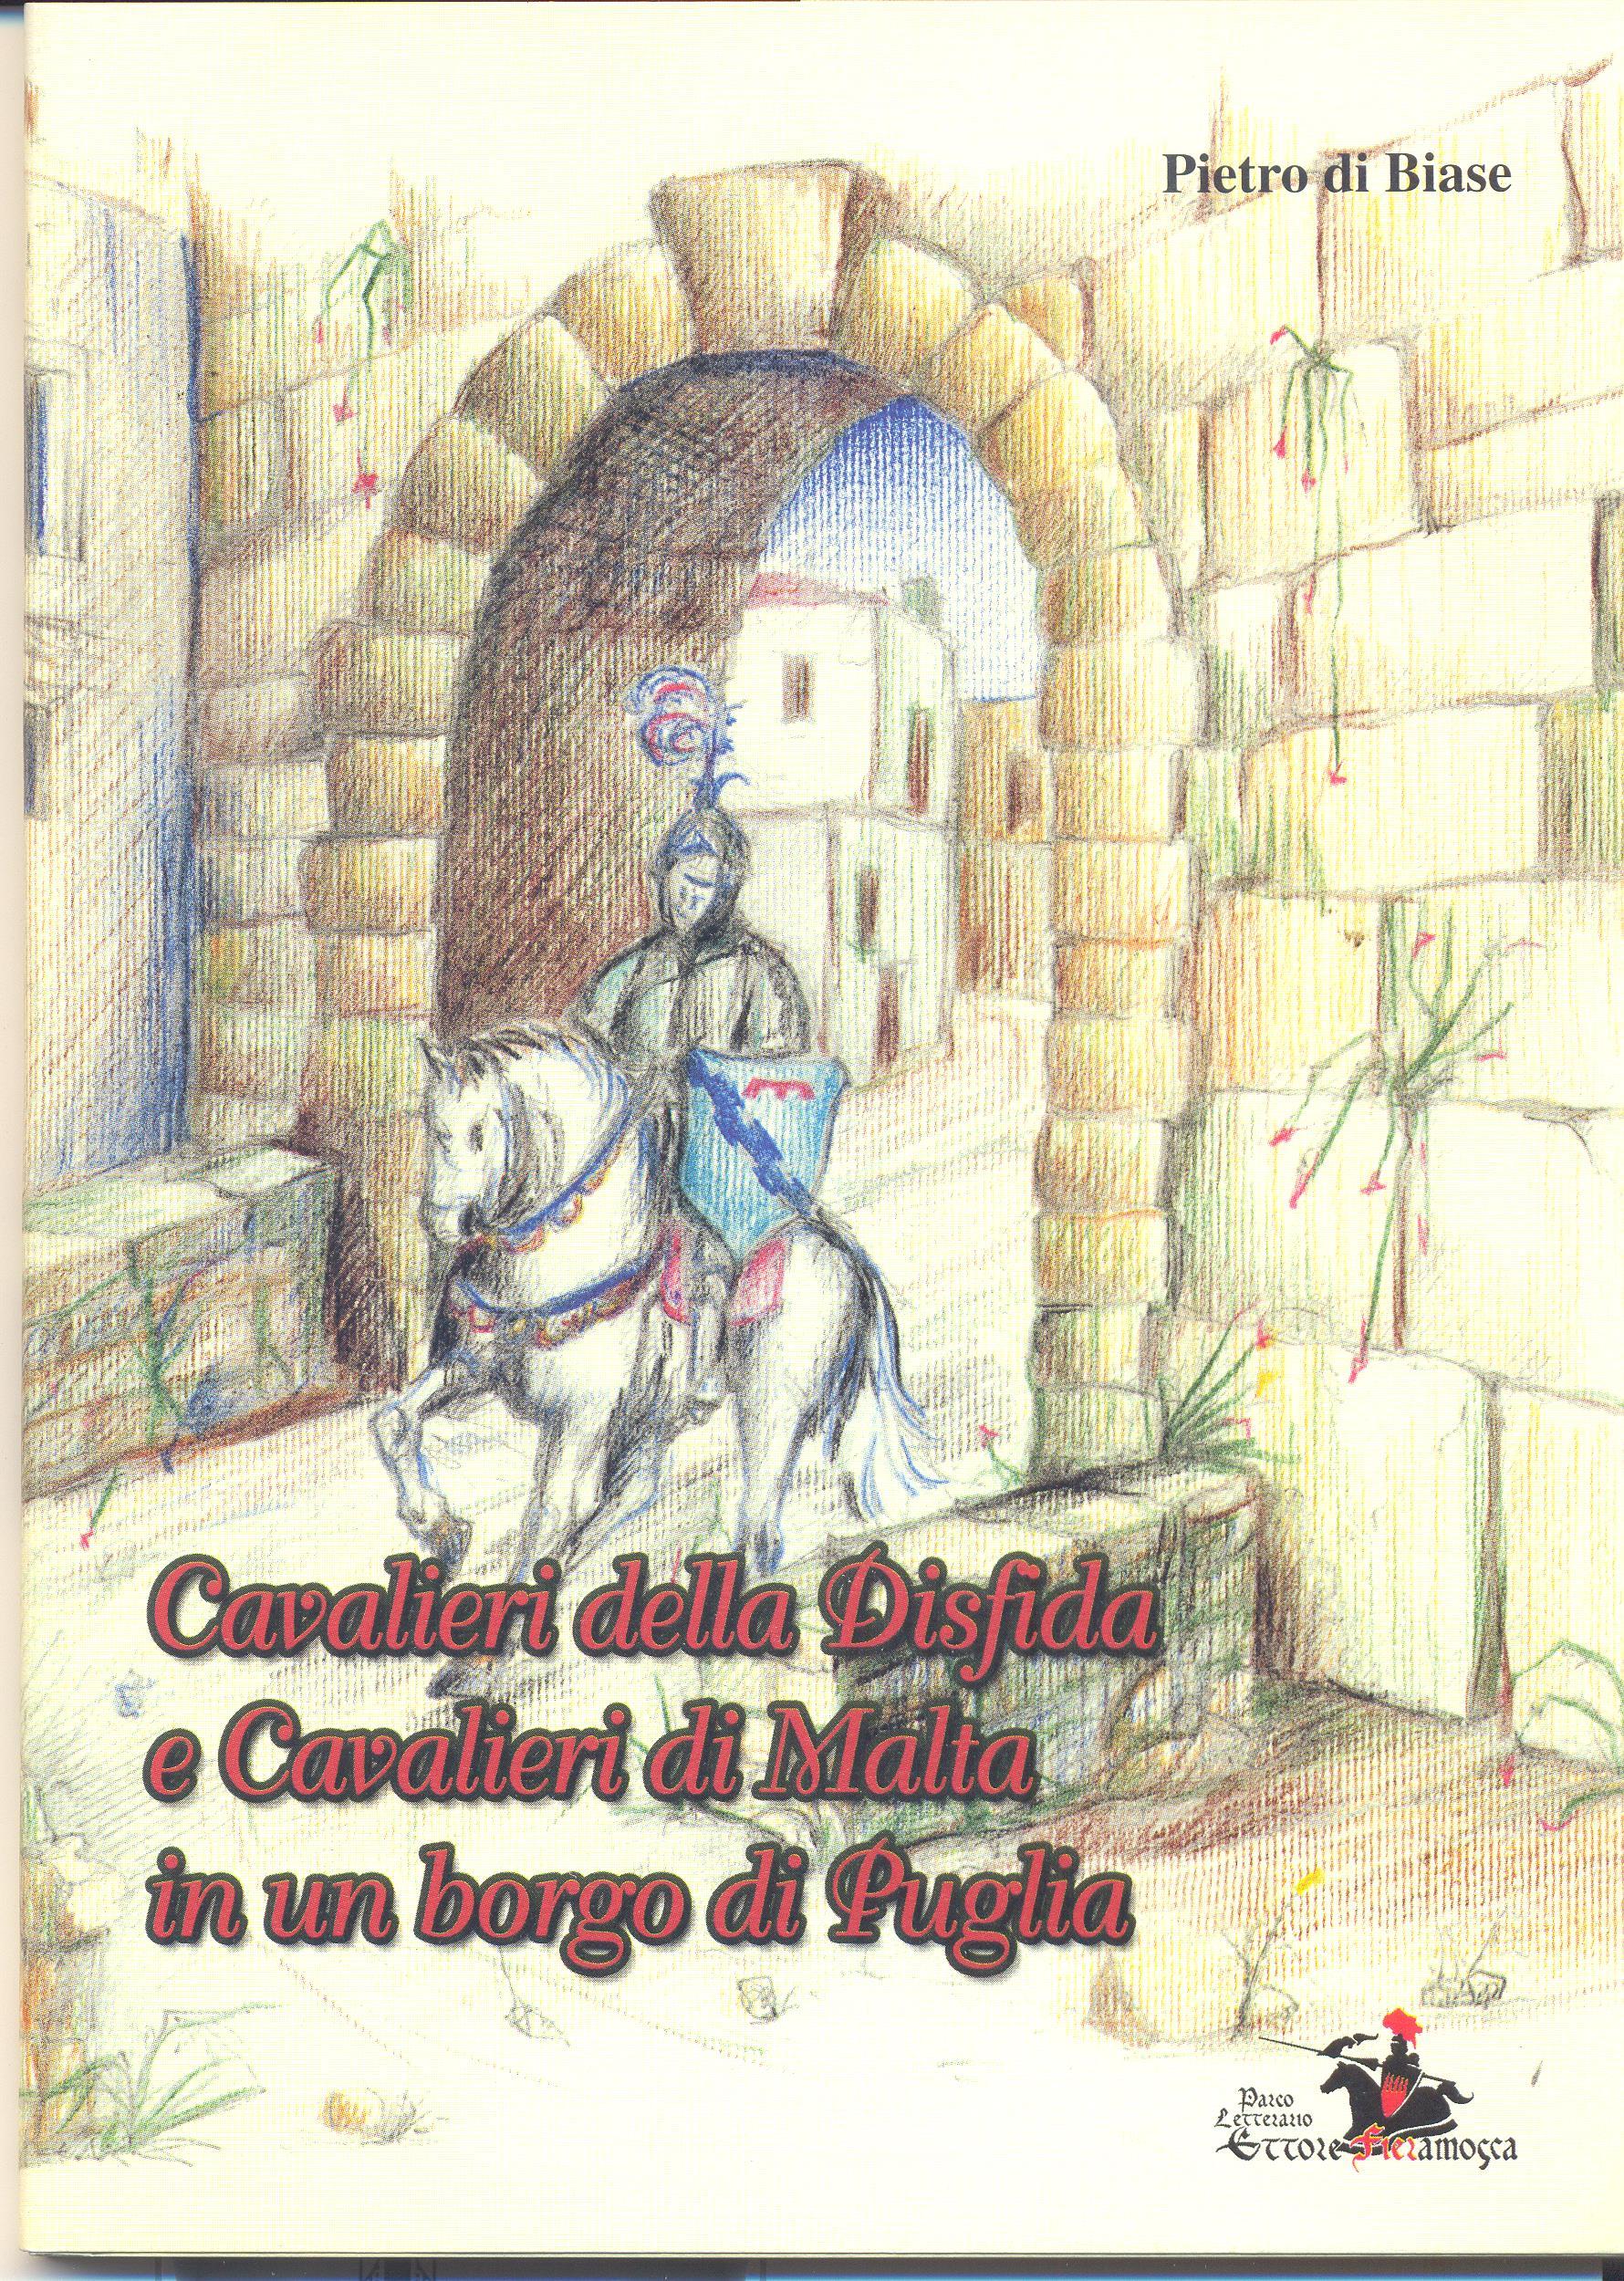 Cavalieri-della-disfida-e-cavalieri-di-malta-in-un-borgo-di-puglia-pietro-di-biase